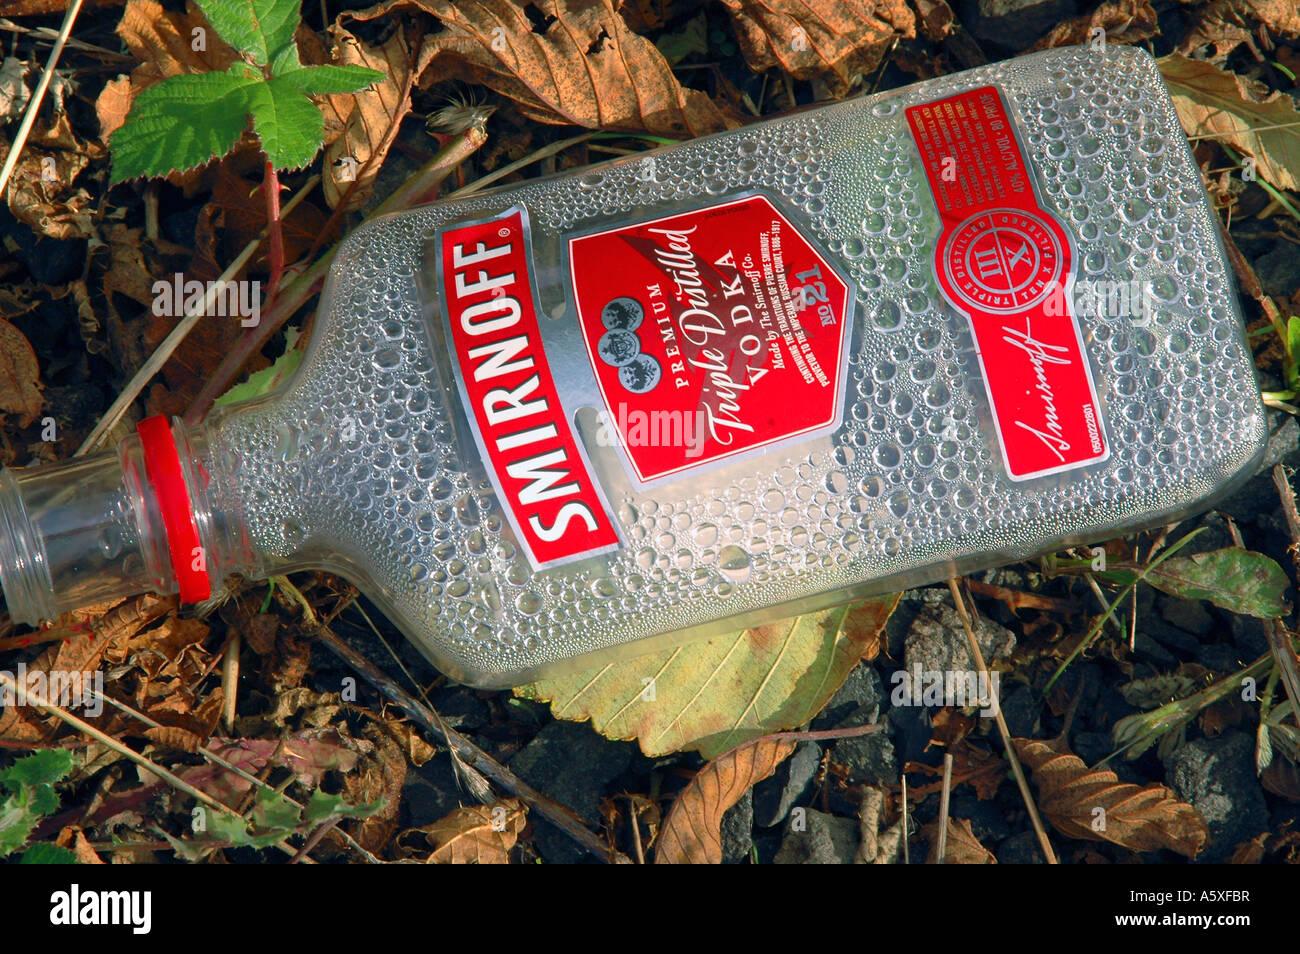 Painet jb6731 bouteille en plastique vide de vodka l'Alcoolisme Toxicomanie potable constitution convention Photo Stock